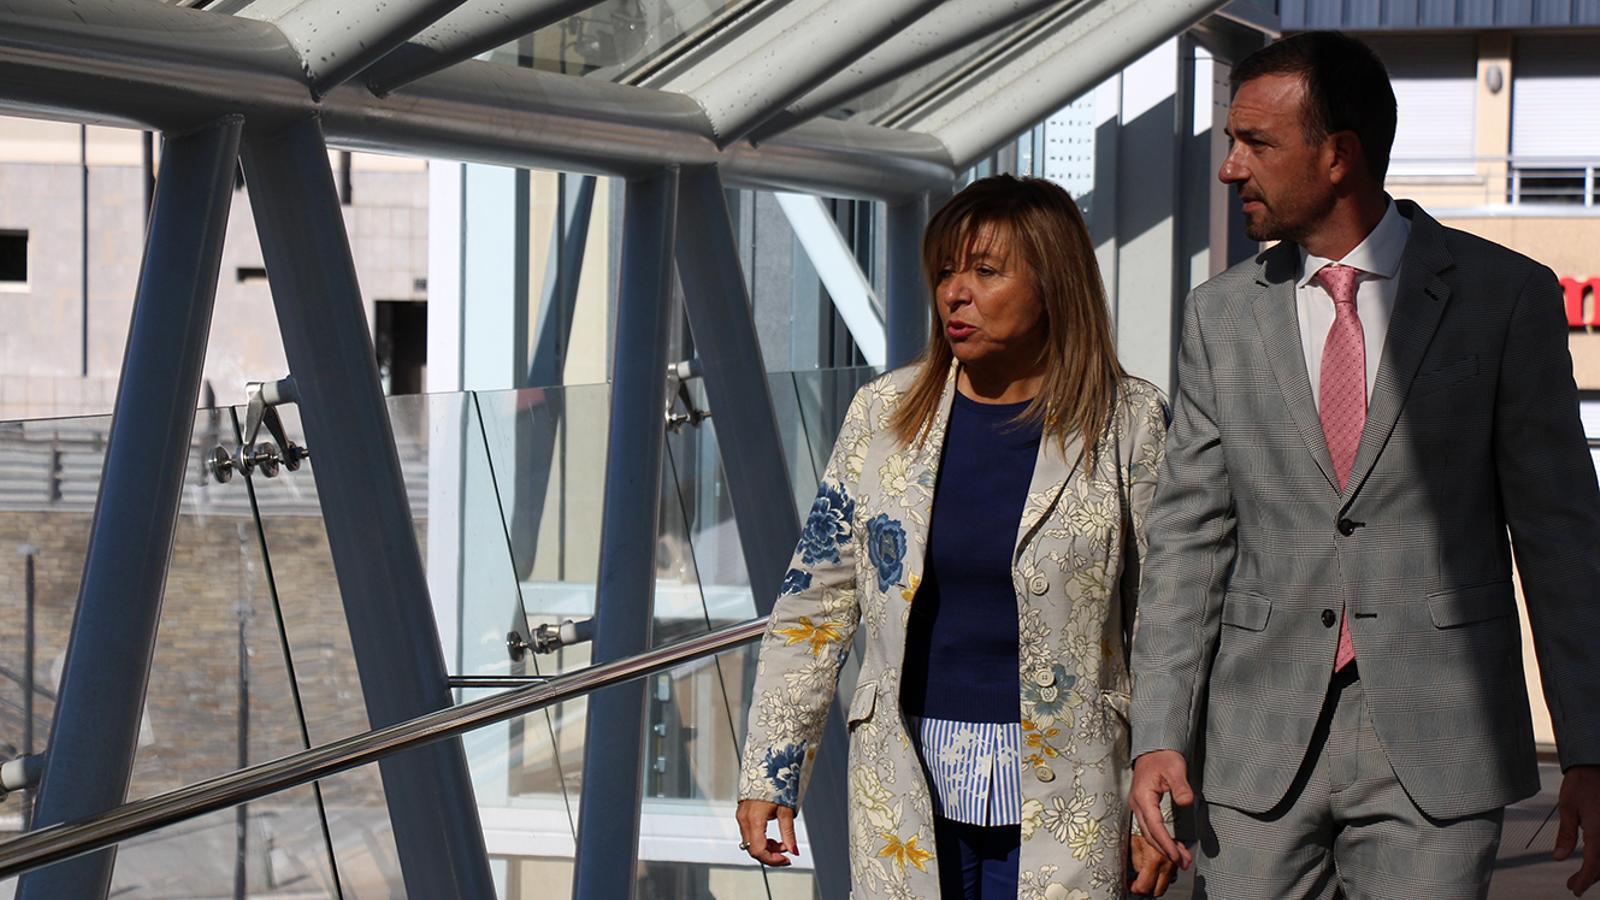 La cònsol major d'Andorra la Vella, Conxita Marsol, i el ministre d'Ordenament Territorial, Jordi Torres, visiten el pas elevat en el dia de la inauguració. / M. M. (ANA)